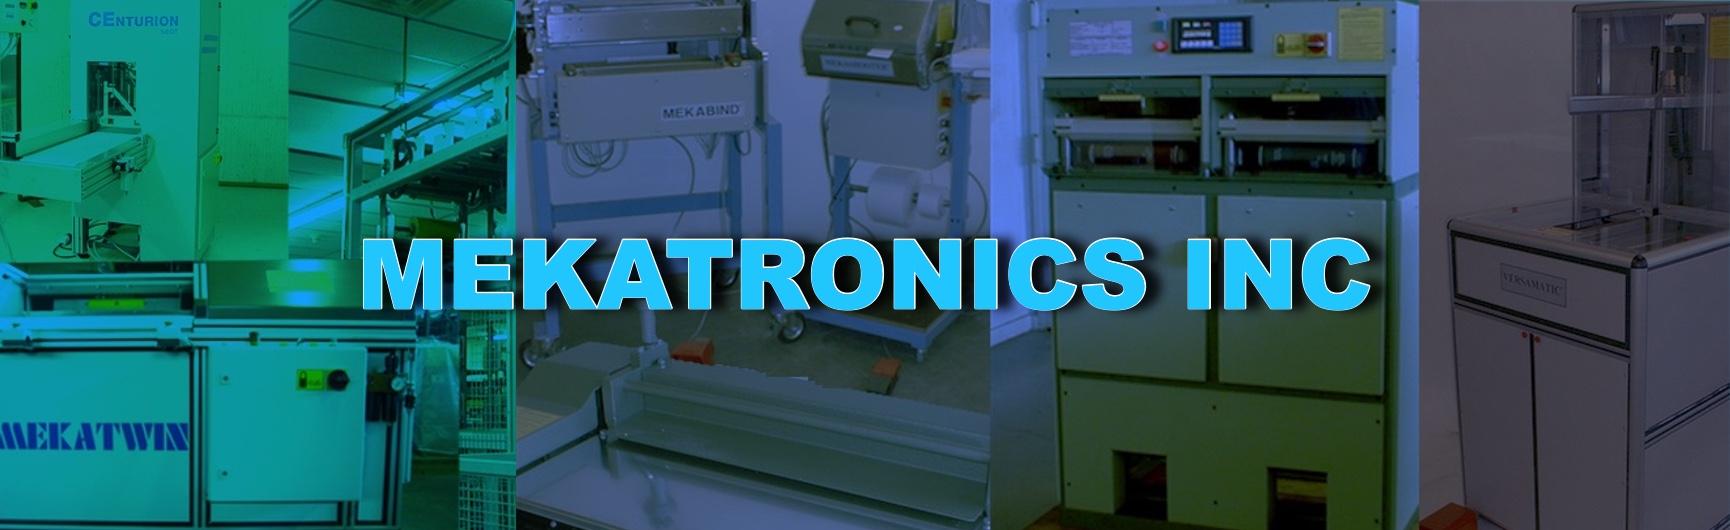 mekatronics-home-slider-images-version6